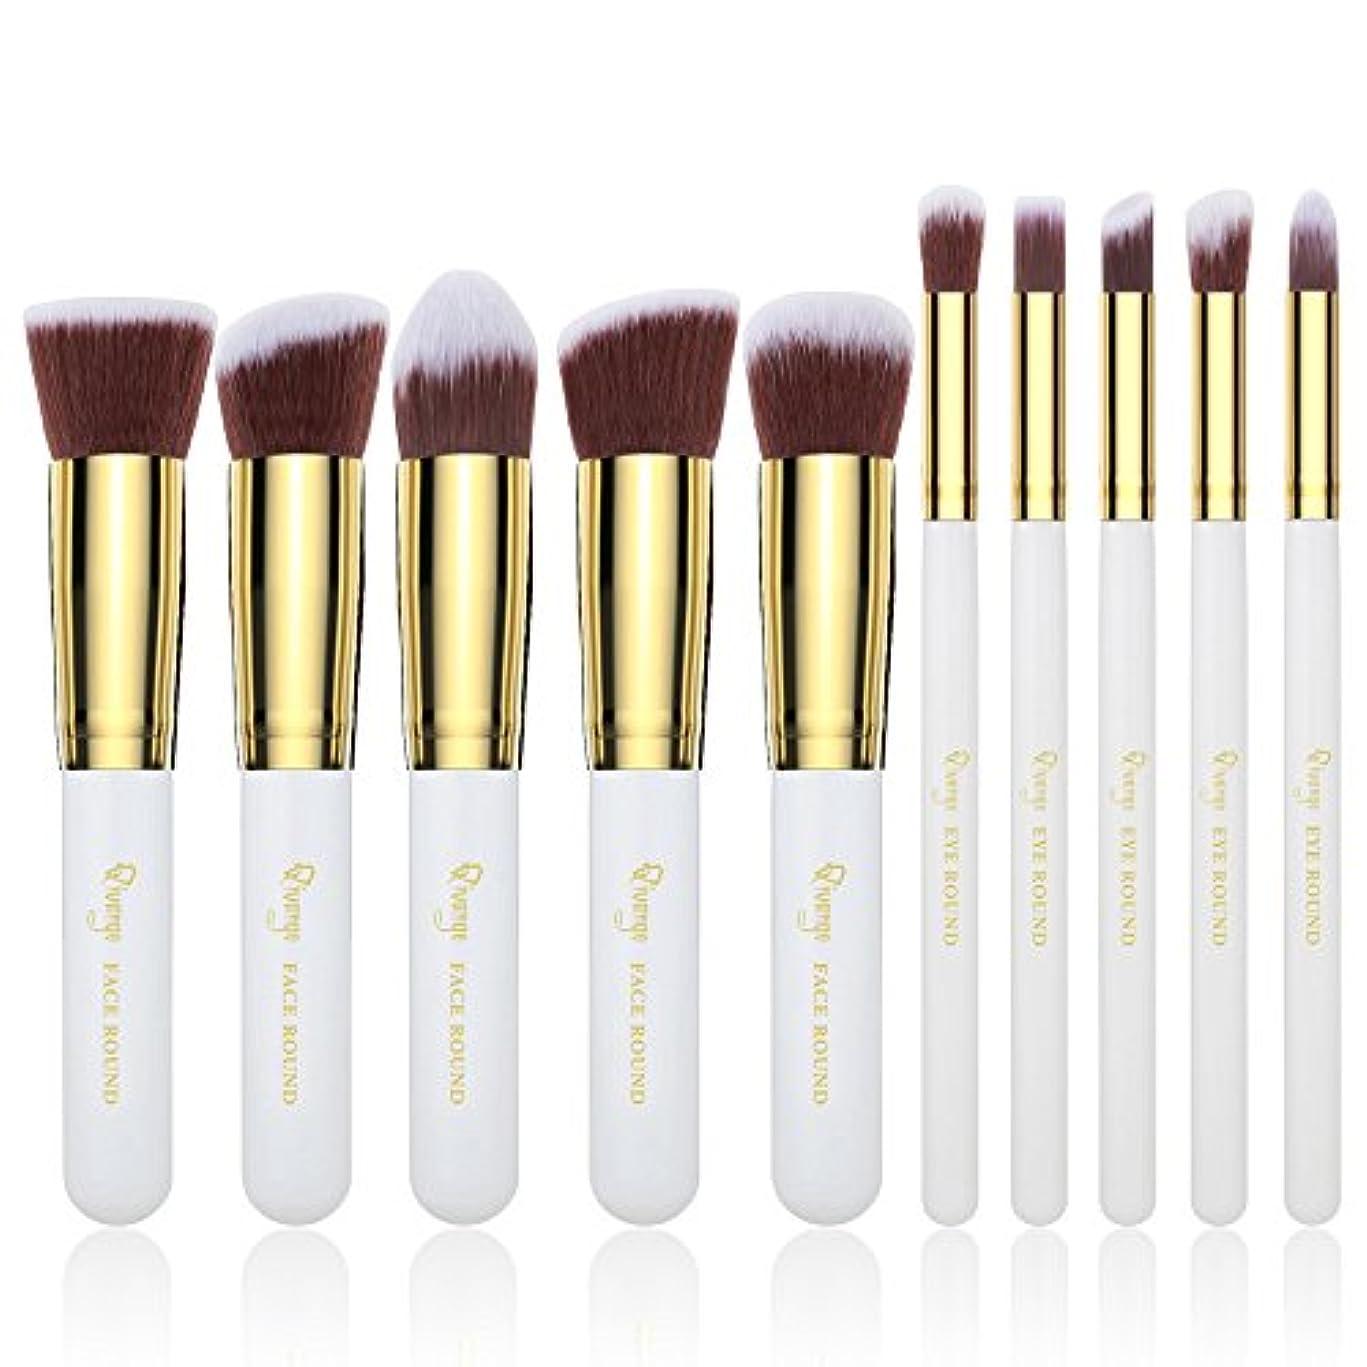 収まる主要な素晴らしいですQivange化粧筆 メイクアップブラシ 10本 高級繊維 基本的なメイクブラシセット 肌触り気持ちいい(ホワイト+ゴールド) …